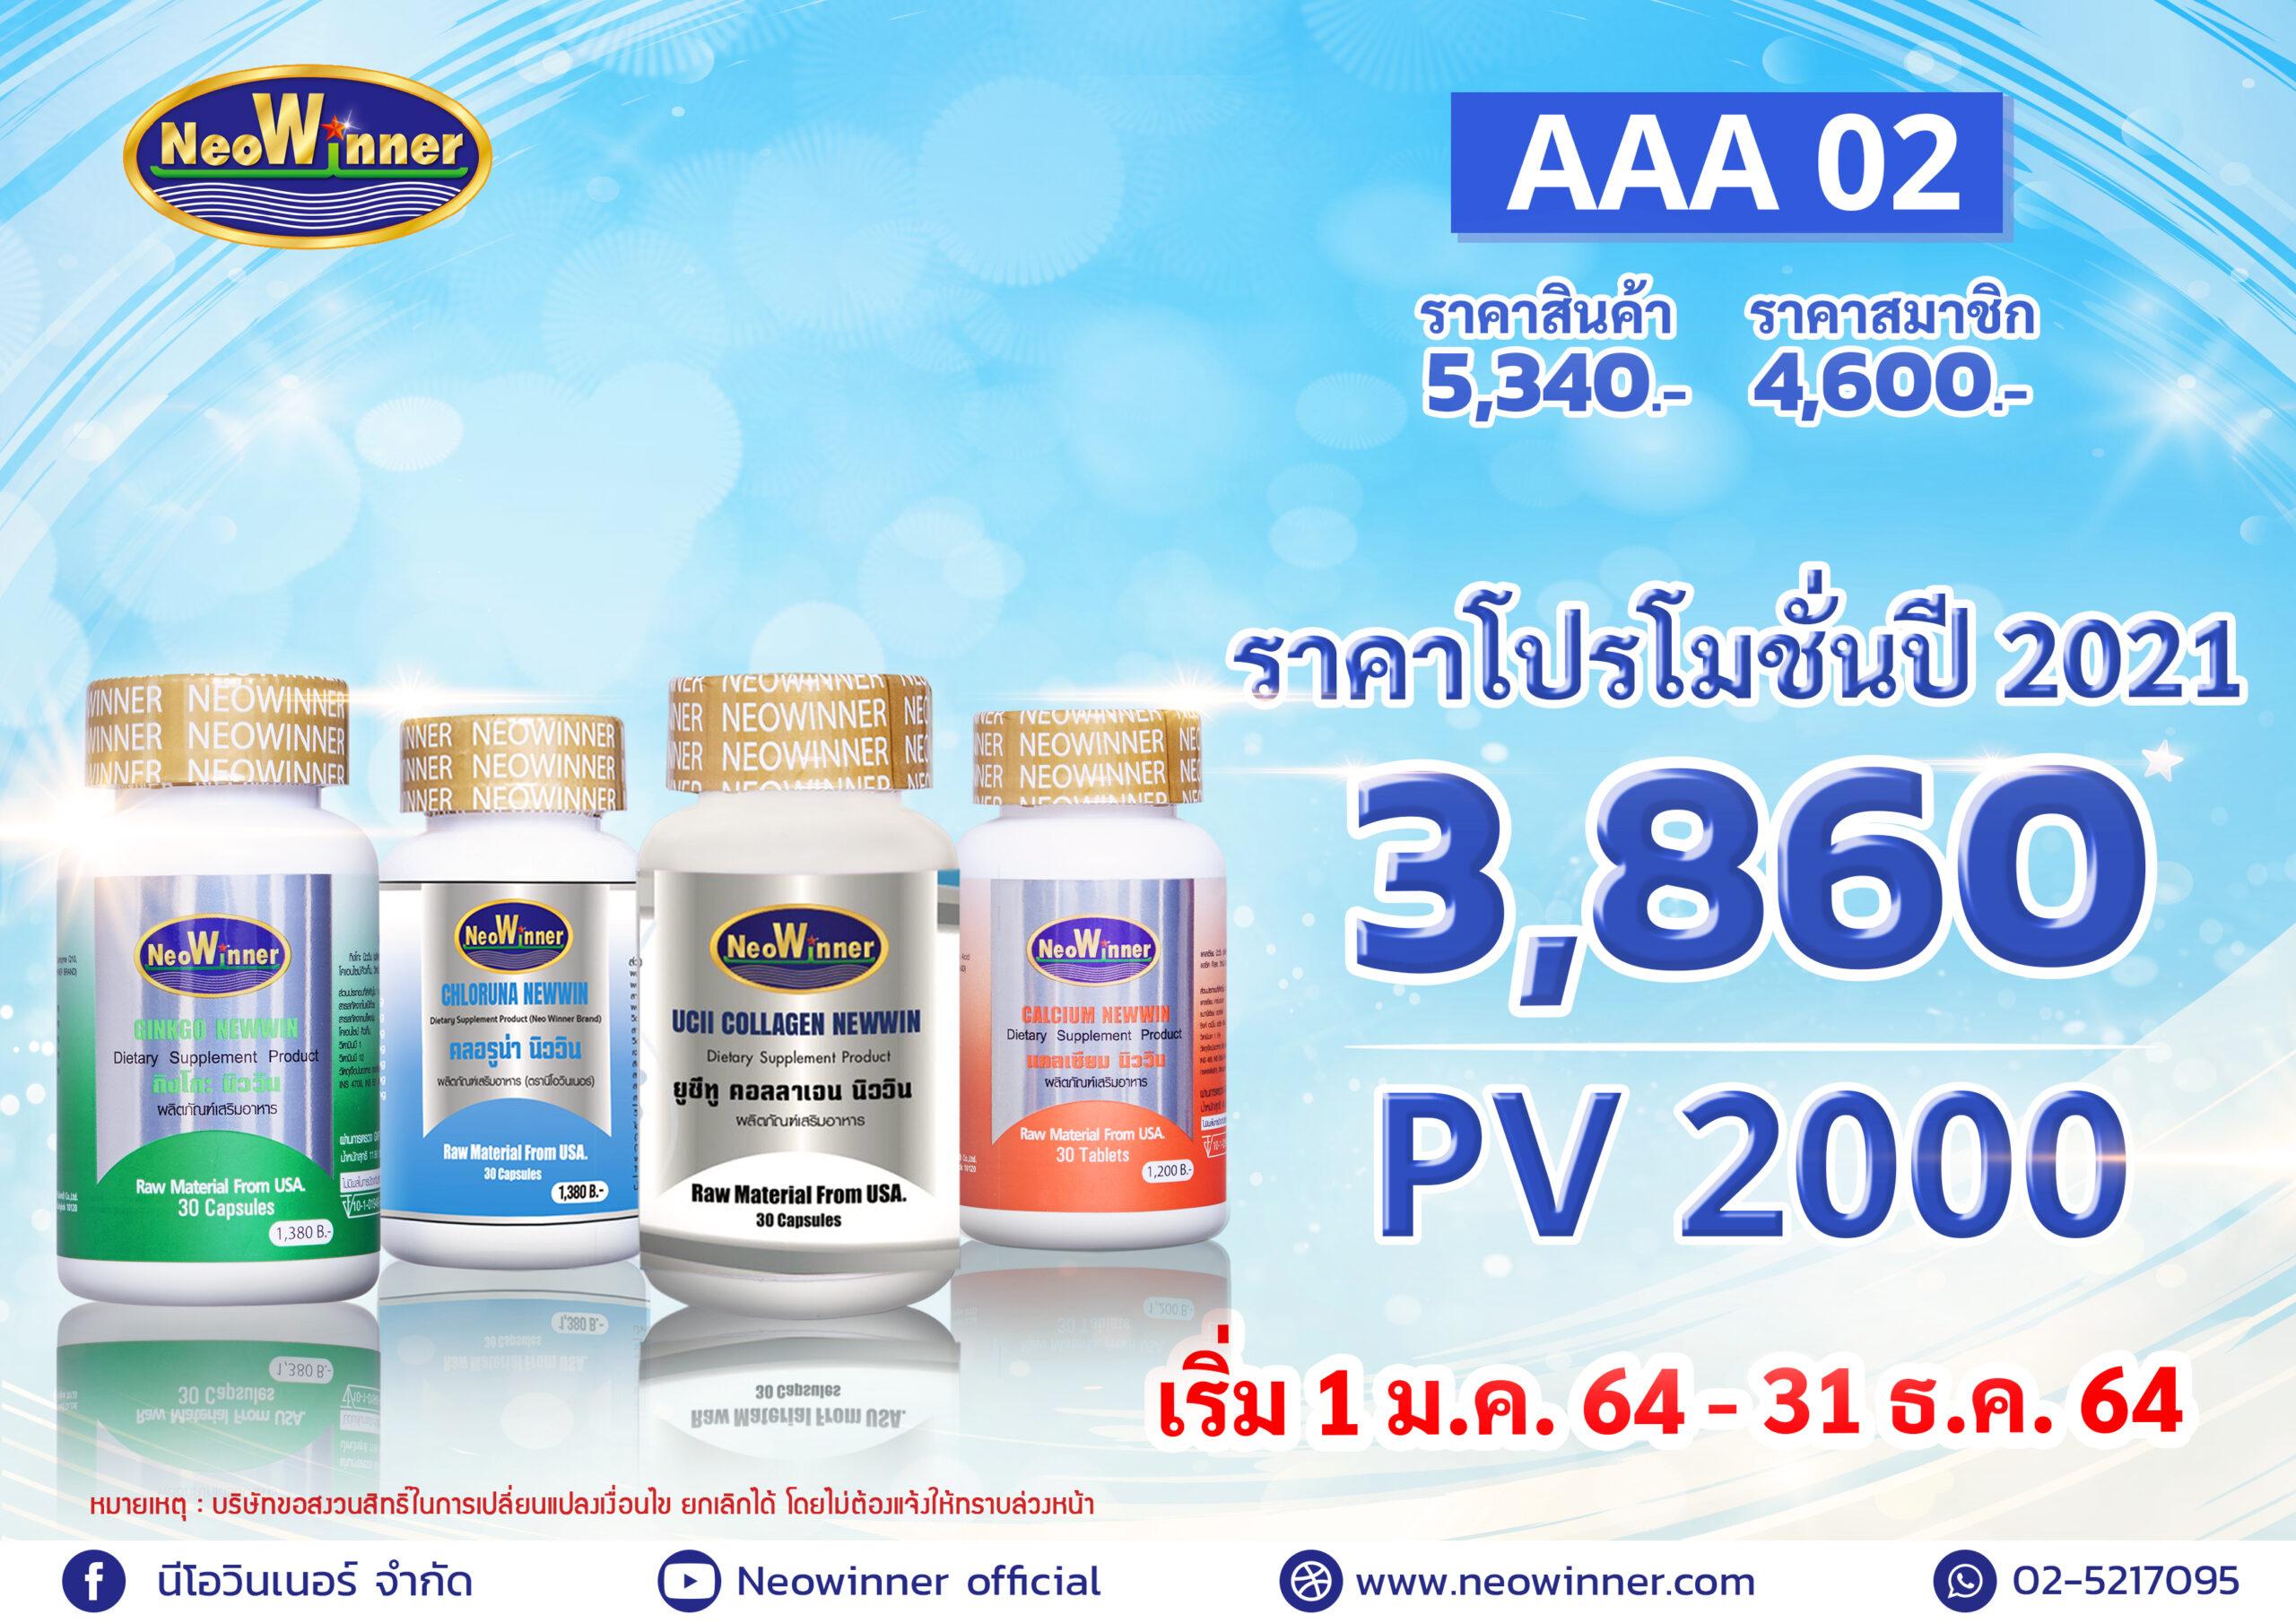 Promotion-AAA-02-2021